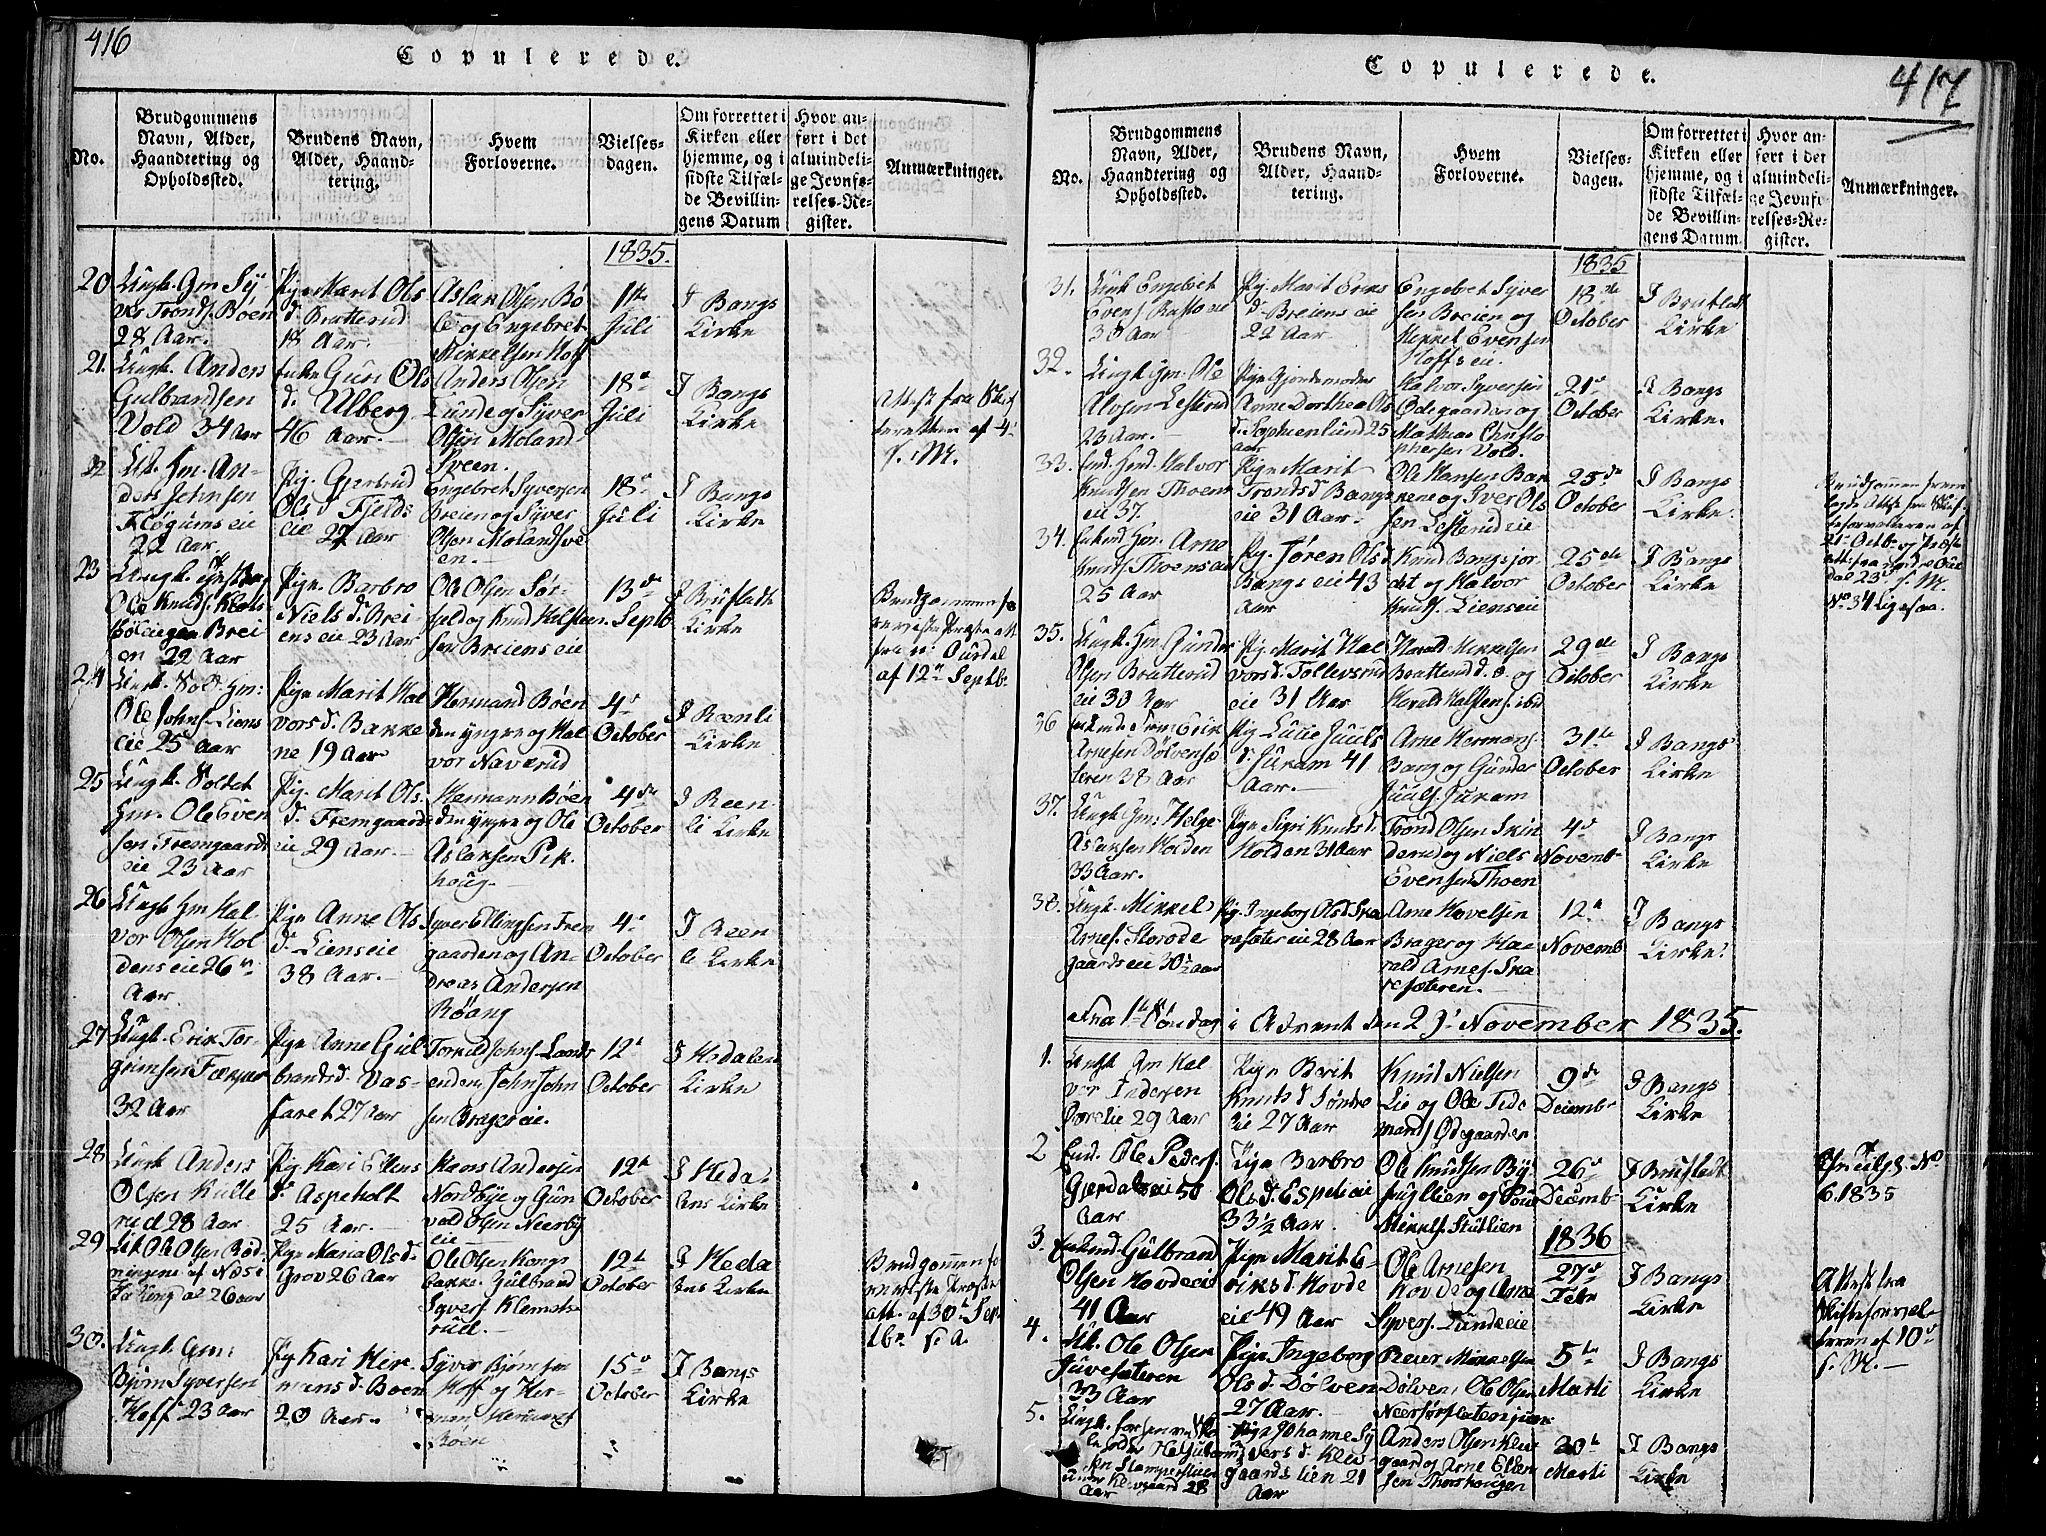 SAH, Sør-Aurdal prestekontor, Klokkerbok nr. 2, 1826-1840, s. 416-417